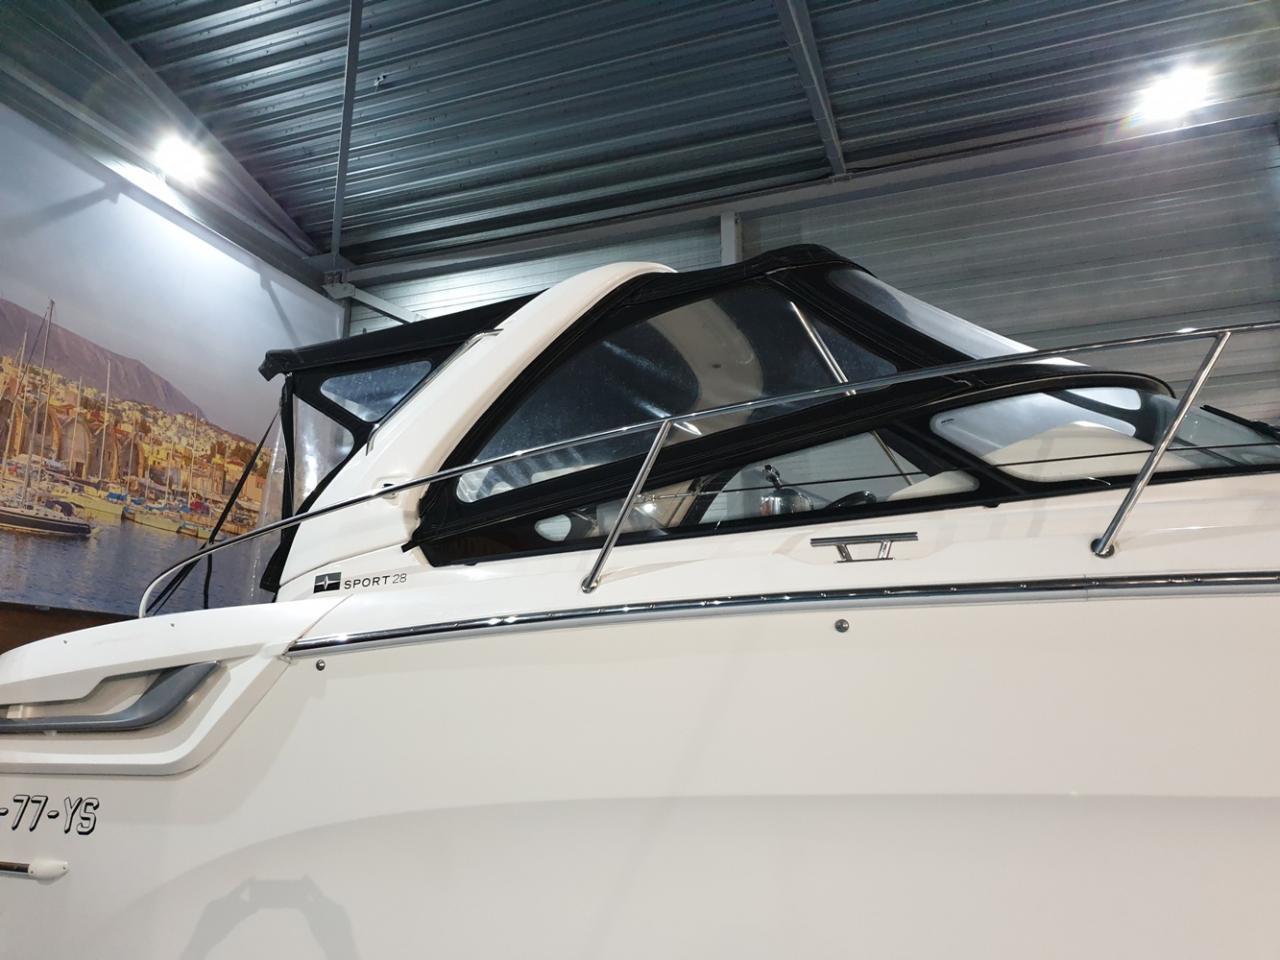 Bavaria 28 sport met mercruiser 6.2 MPI V8 320 pk 4